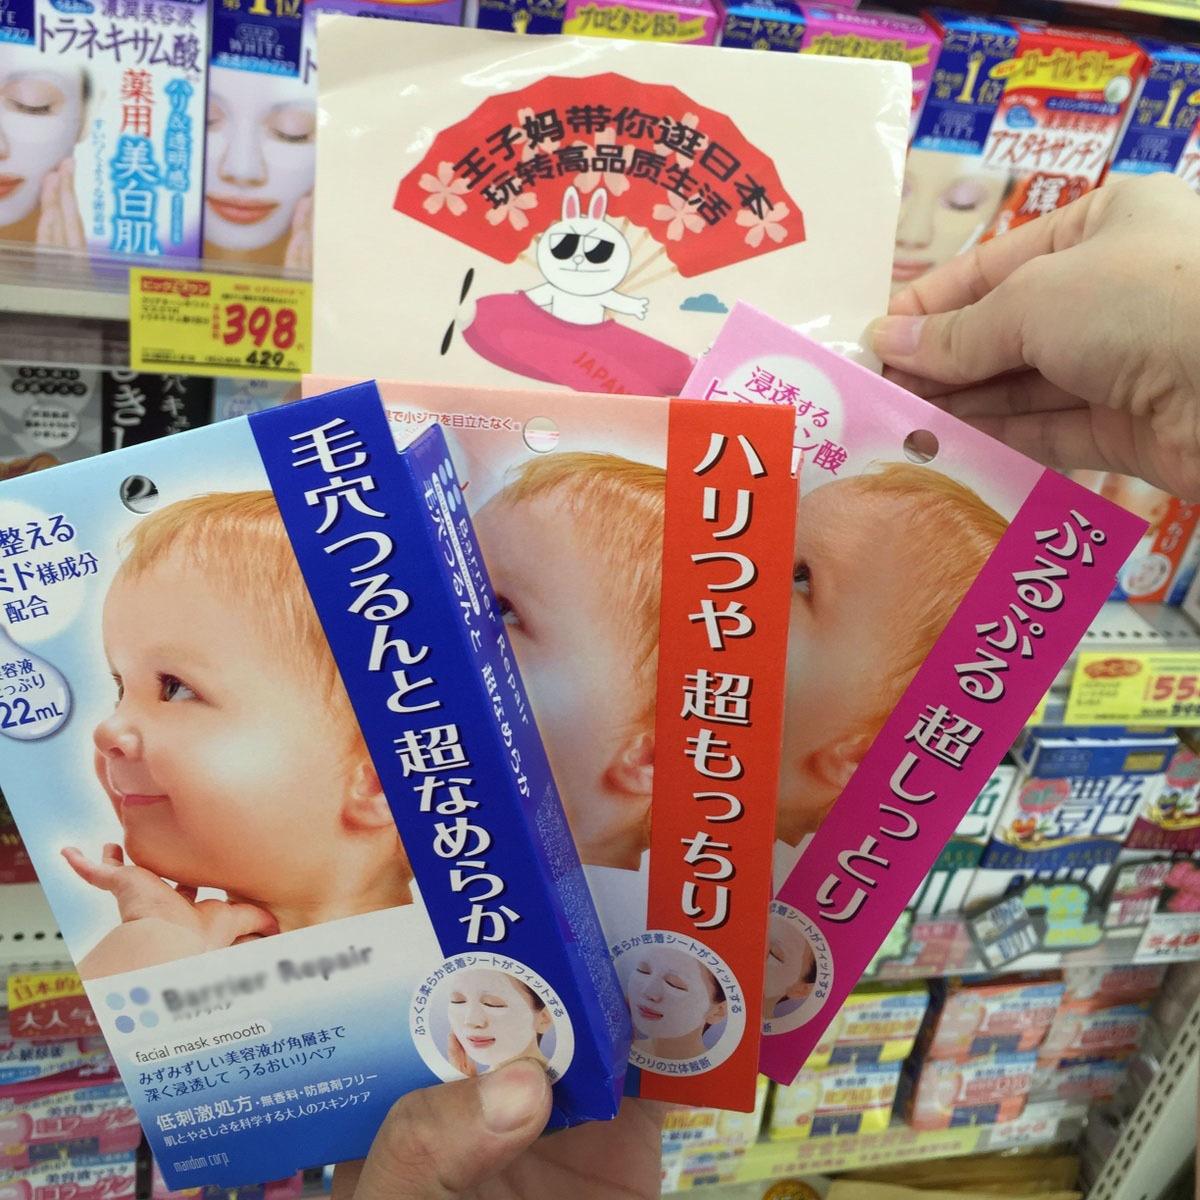 日本原裝mandom_Beauty水敏感肌玻尿酸高保溼嬰兒曼兒丹面膜三款